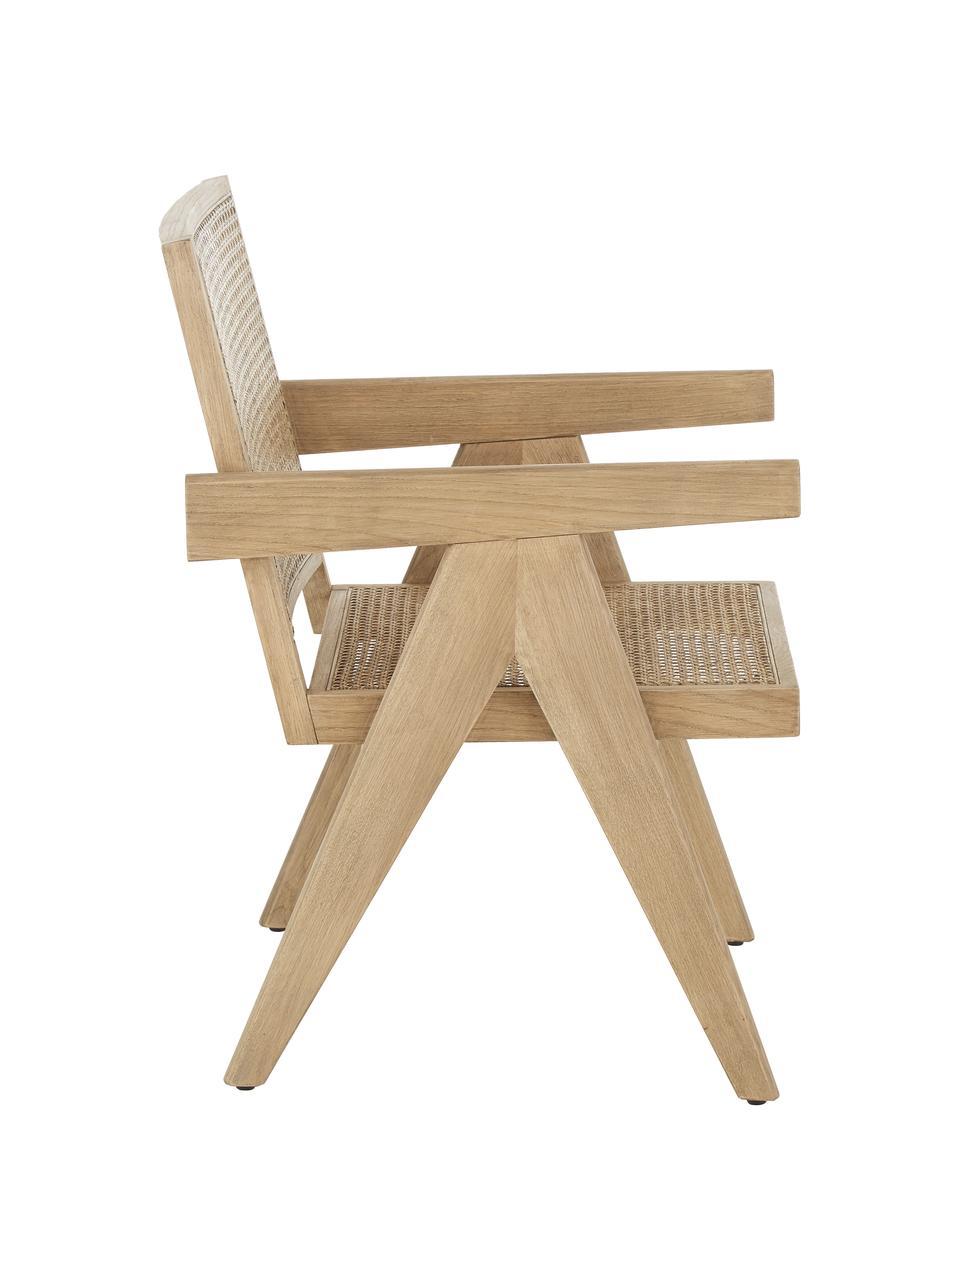 Sedia a poltrona con intreccio viennese Sissi, Struttura: legno massiccio di querci, Seduta: rattan, Struttura: legno di quercia Seduta: beige, Larg. 58 x Prof. 66 cm